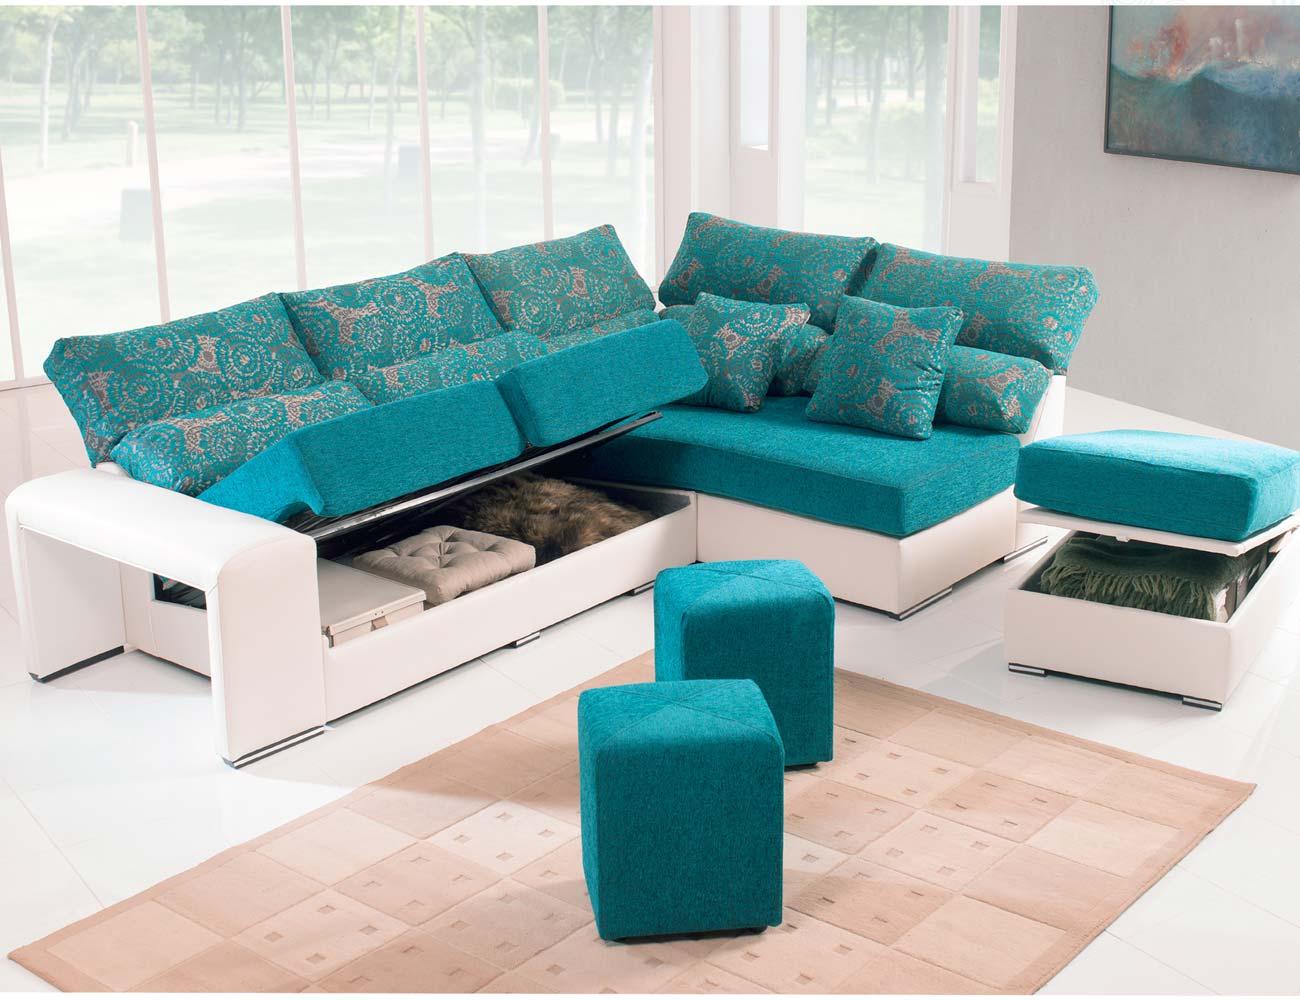 Sofa chaiselongue rincon puff arcon taburete1